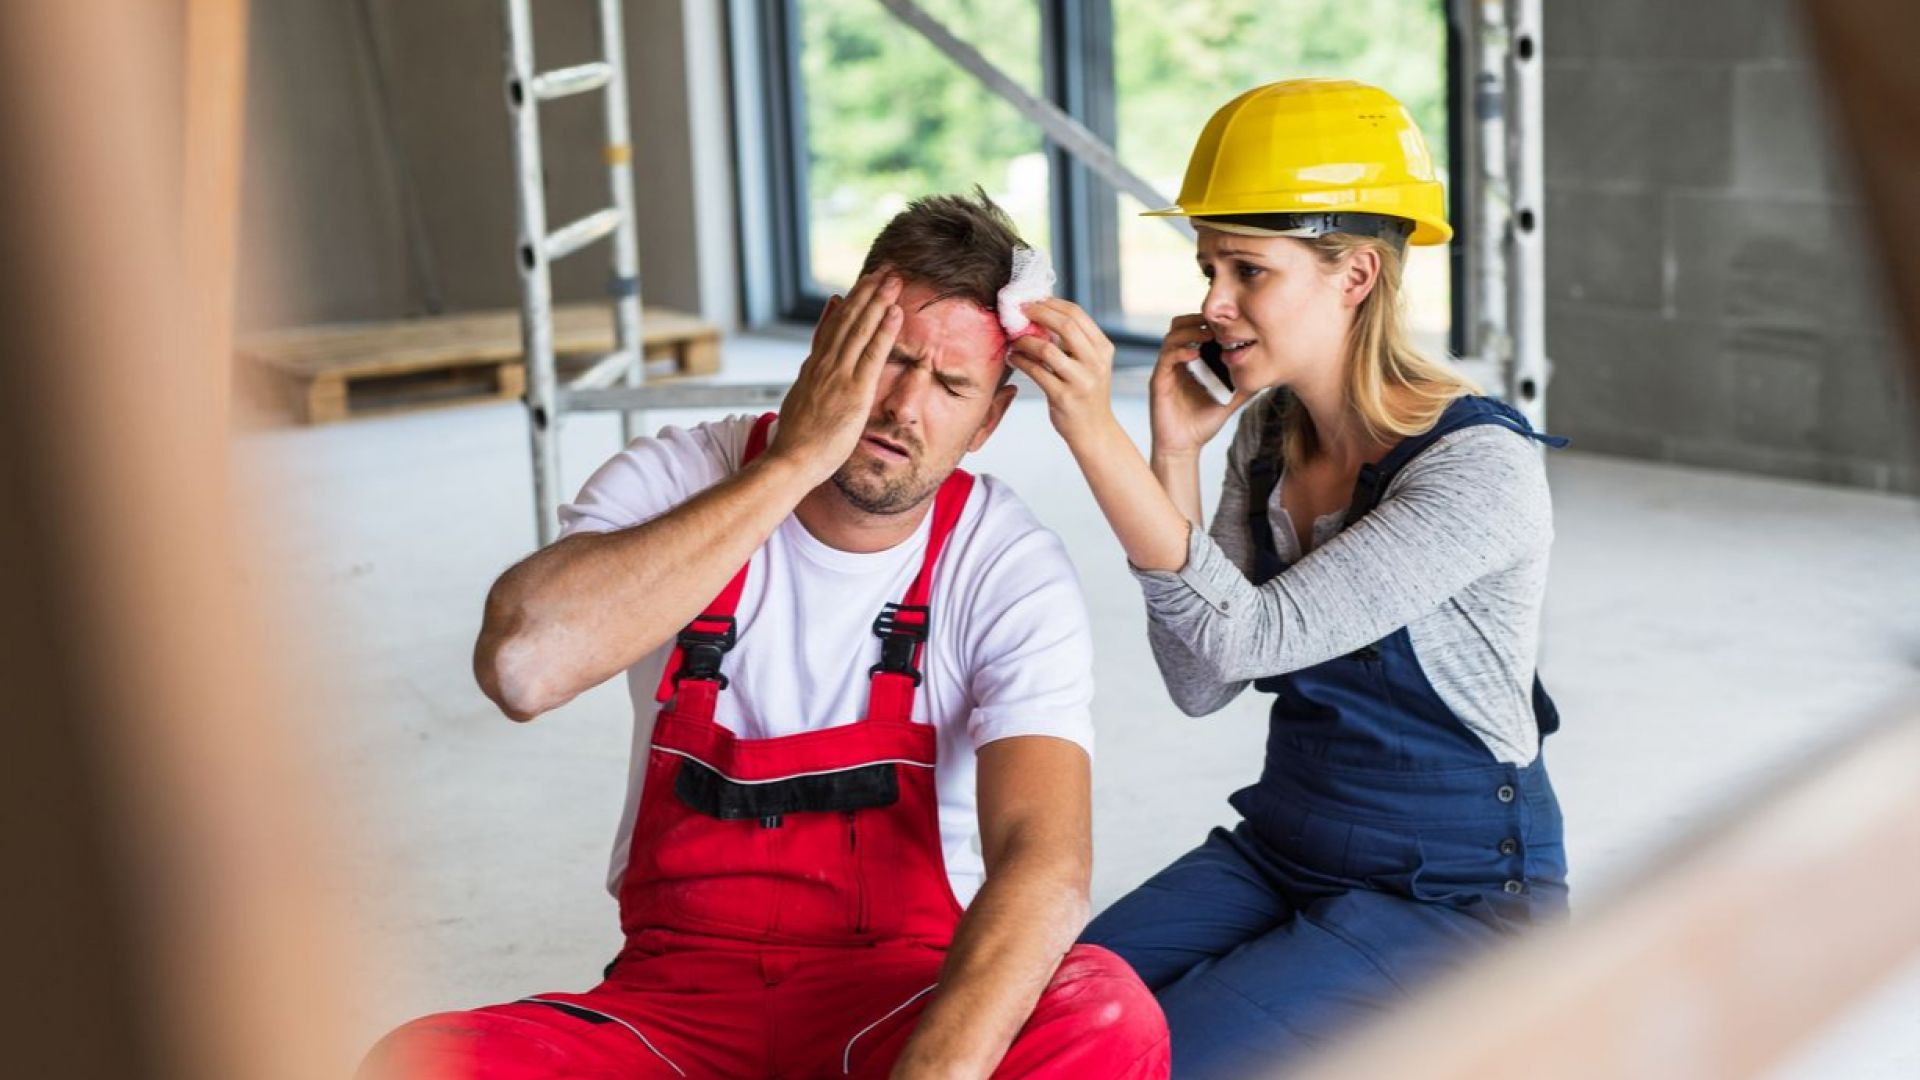 Жените имат защитна ракция при бедствия, мъжете възприемат риска по различен начин